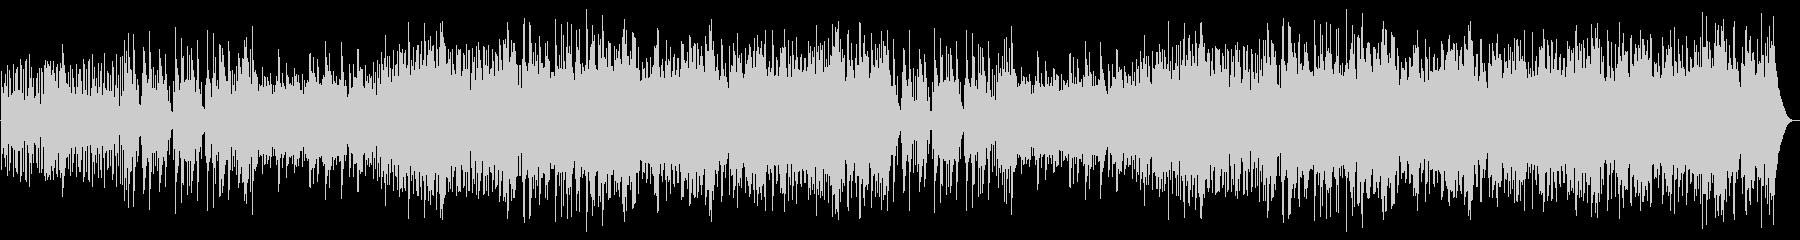 エネルギッシュな太鼓、ティンパニ、...の未再生の波形